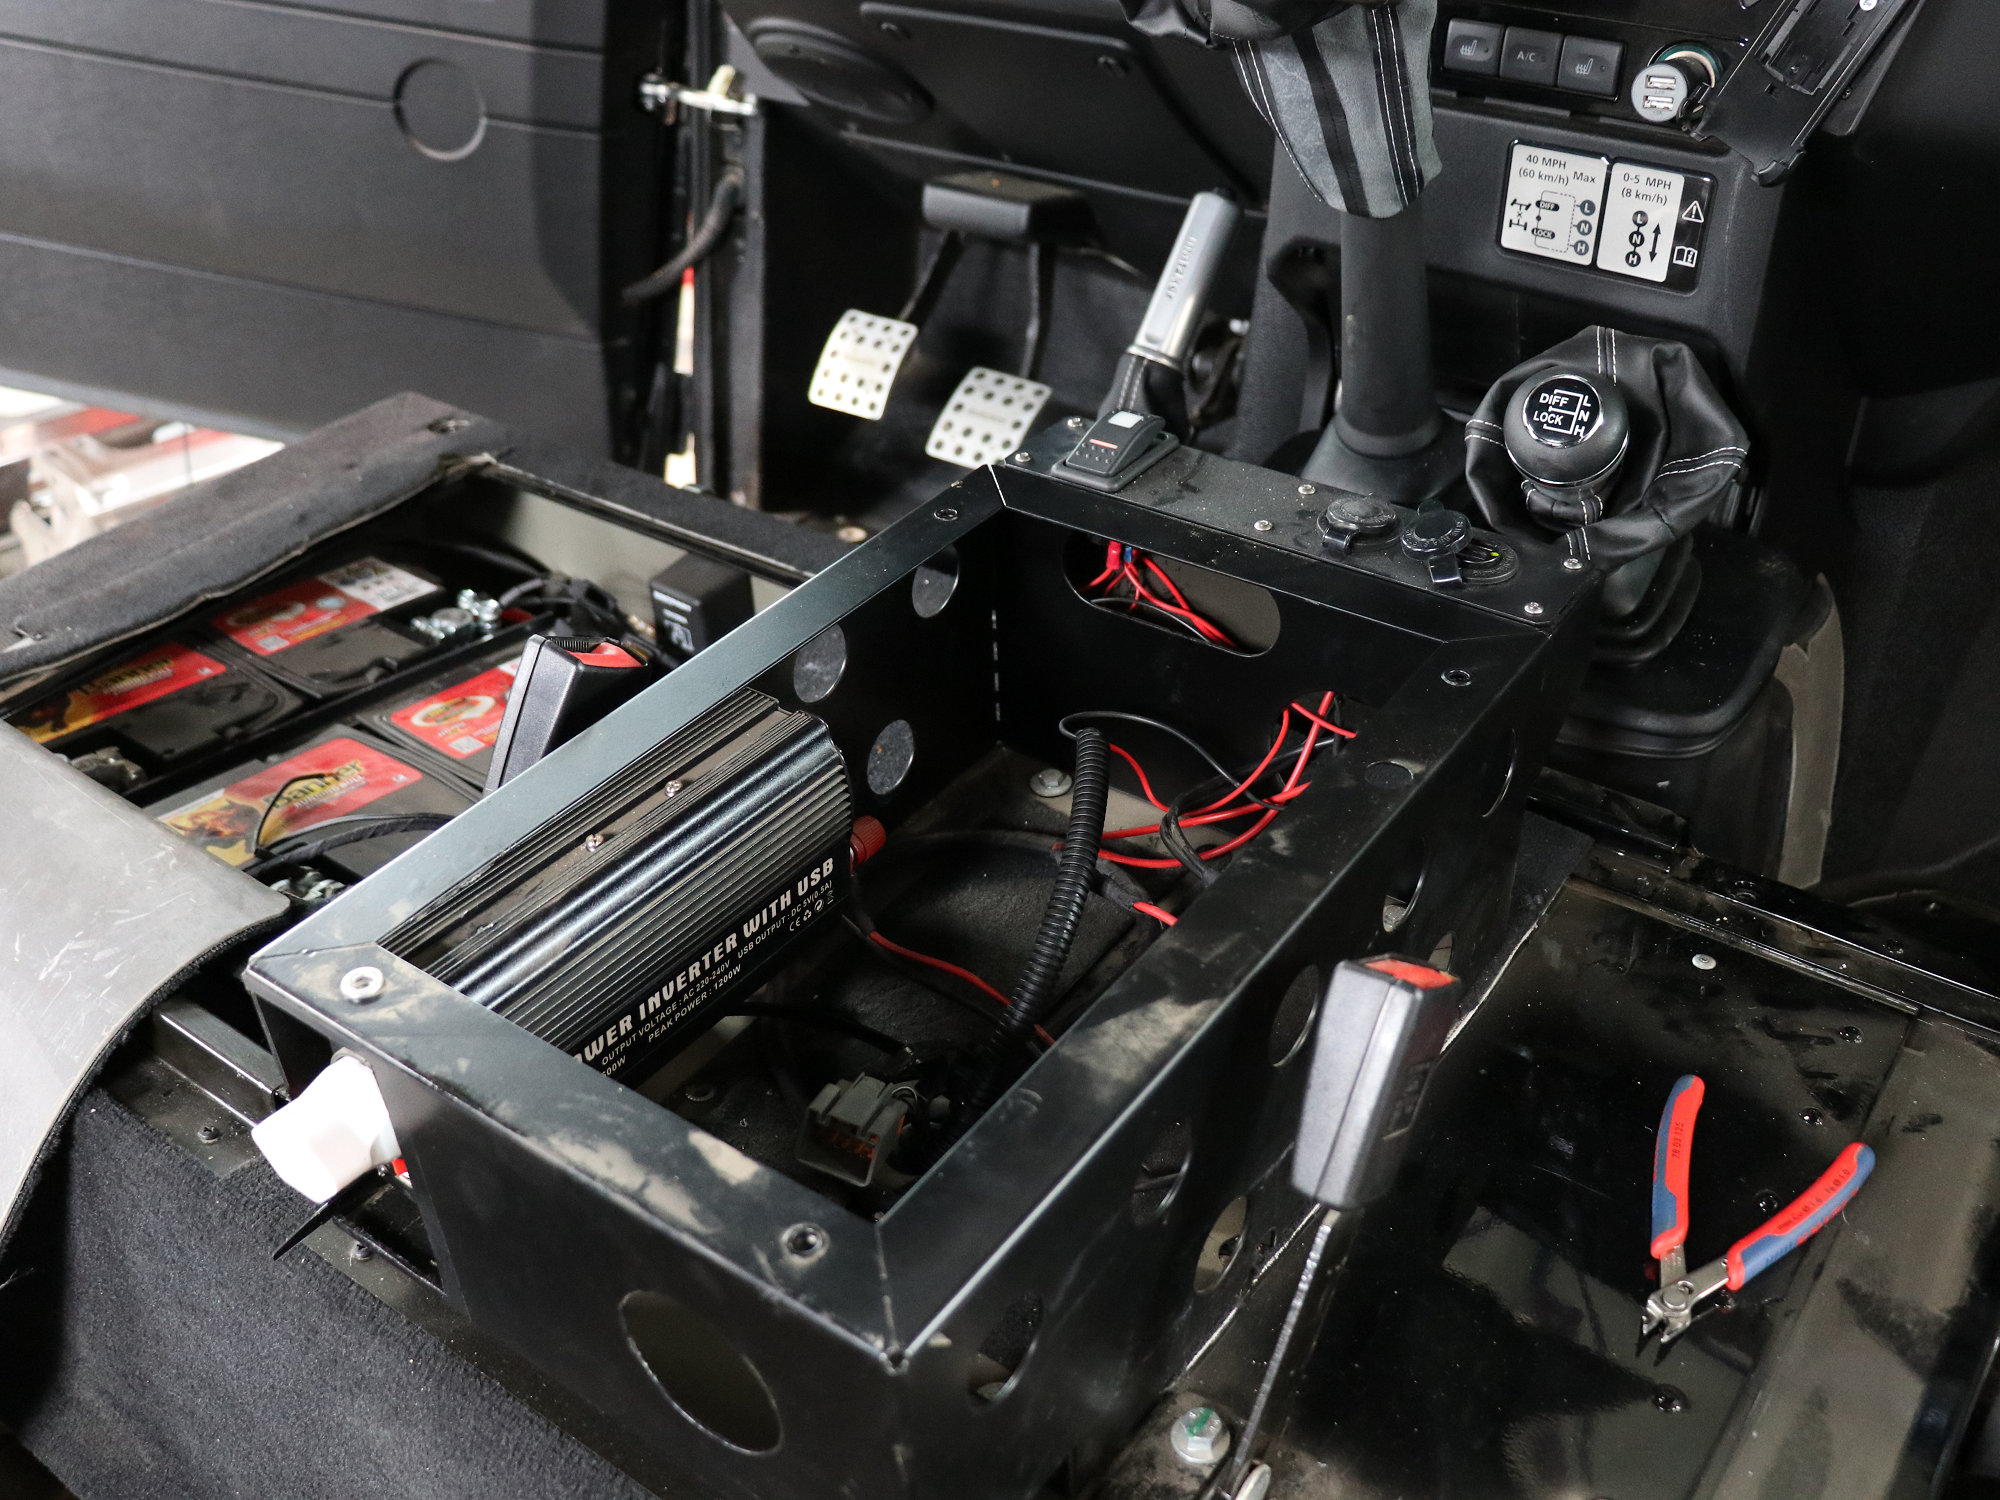 die Konsole für Standheizung und der Wechselrichter müssen weichen und werden später durch Qualitätsprodukte ersetzt